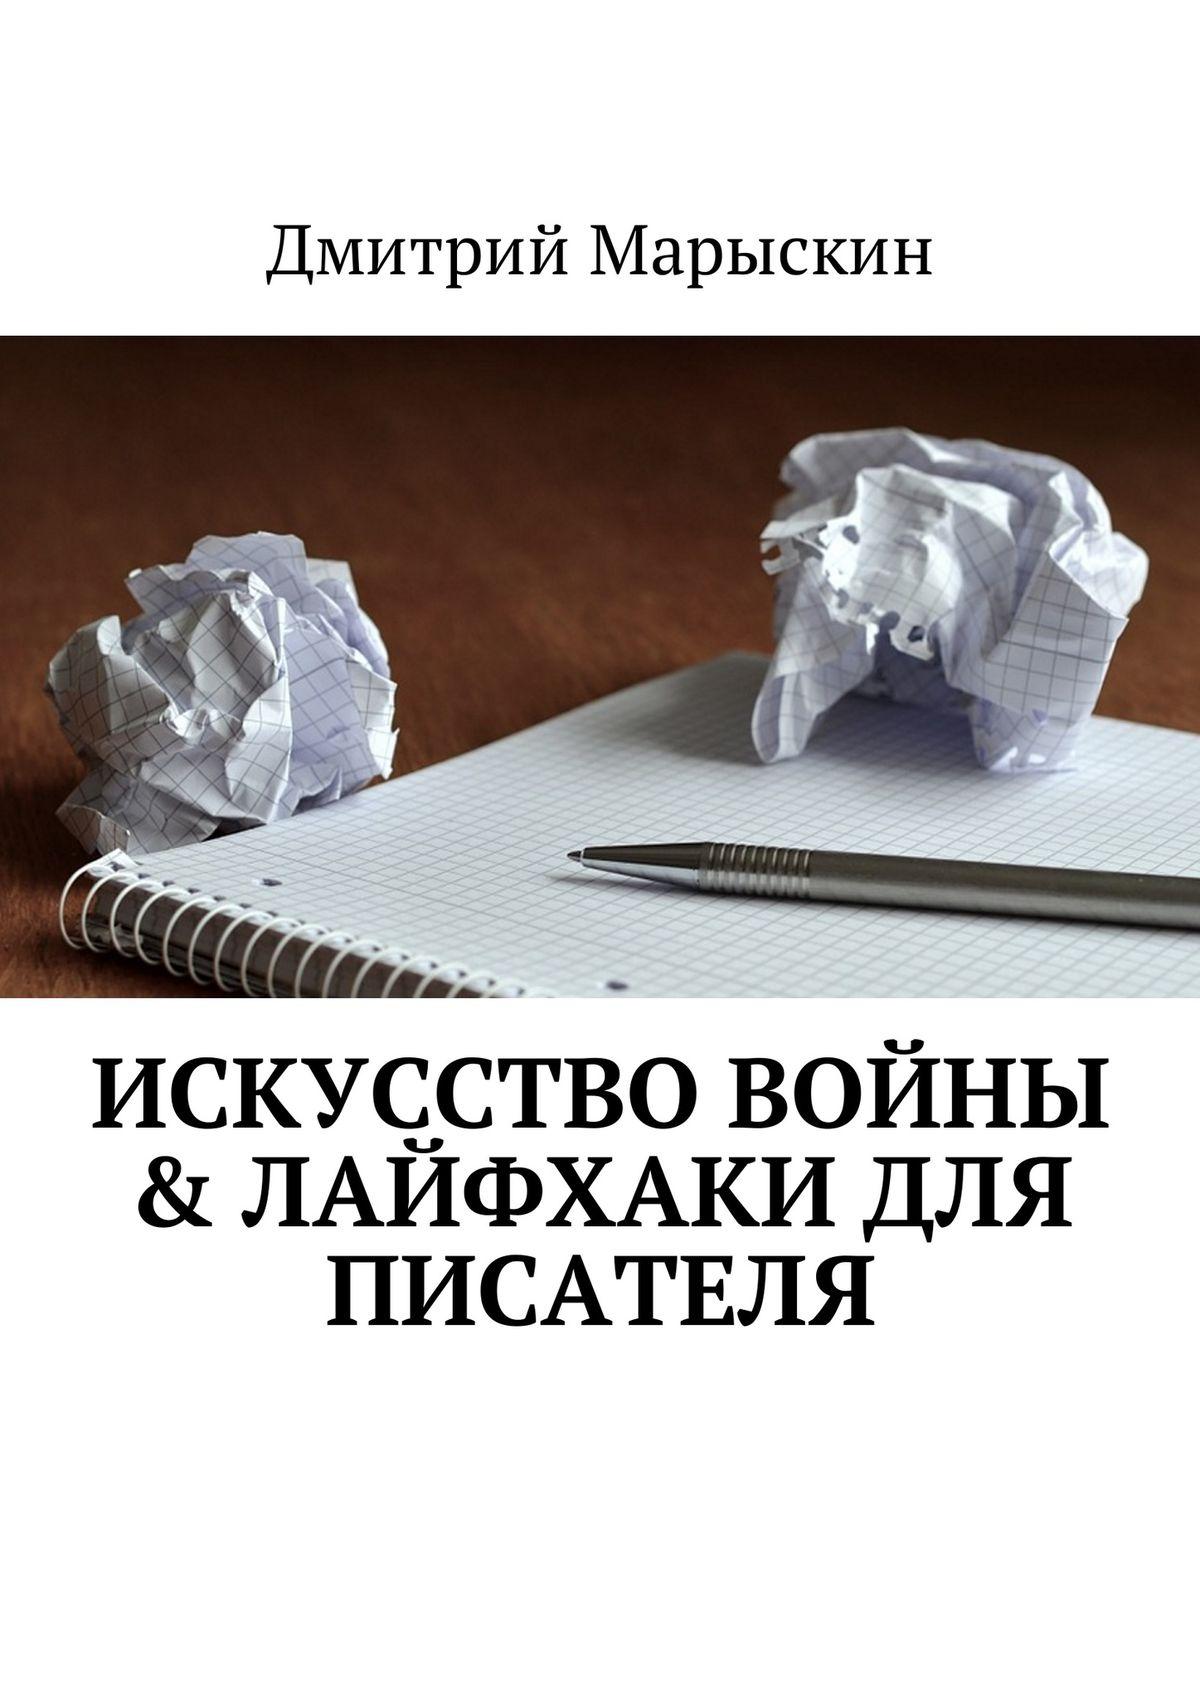 Искусство войны&Лайфхаки для писателя